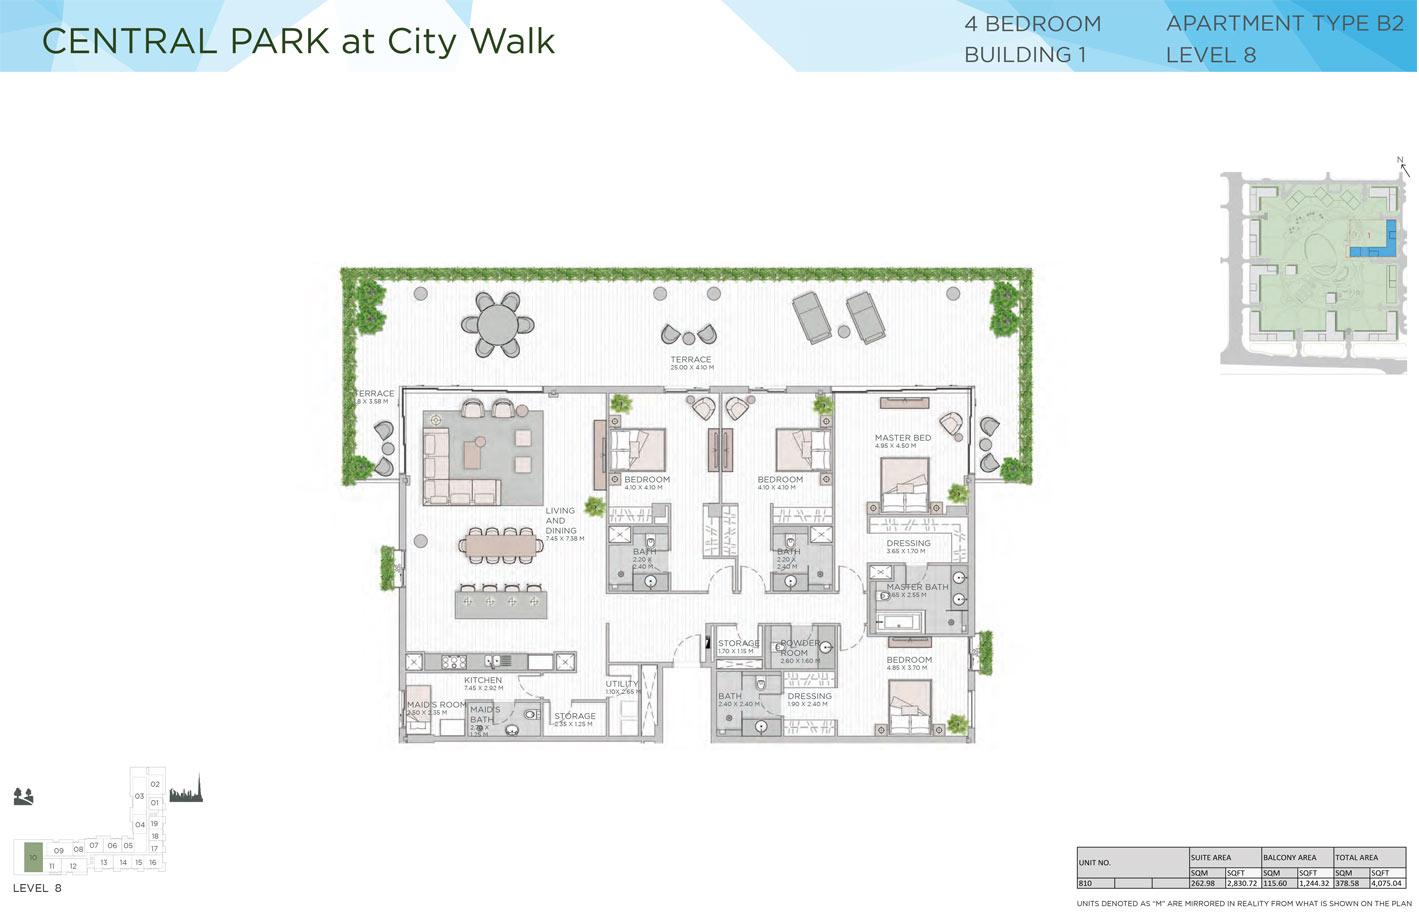 أربع غرف نوم، المبنى 1، المستوى 8، نوع B2، حجم 4075 قدم مربع